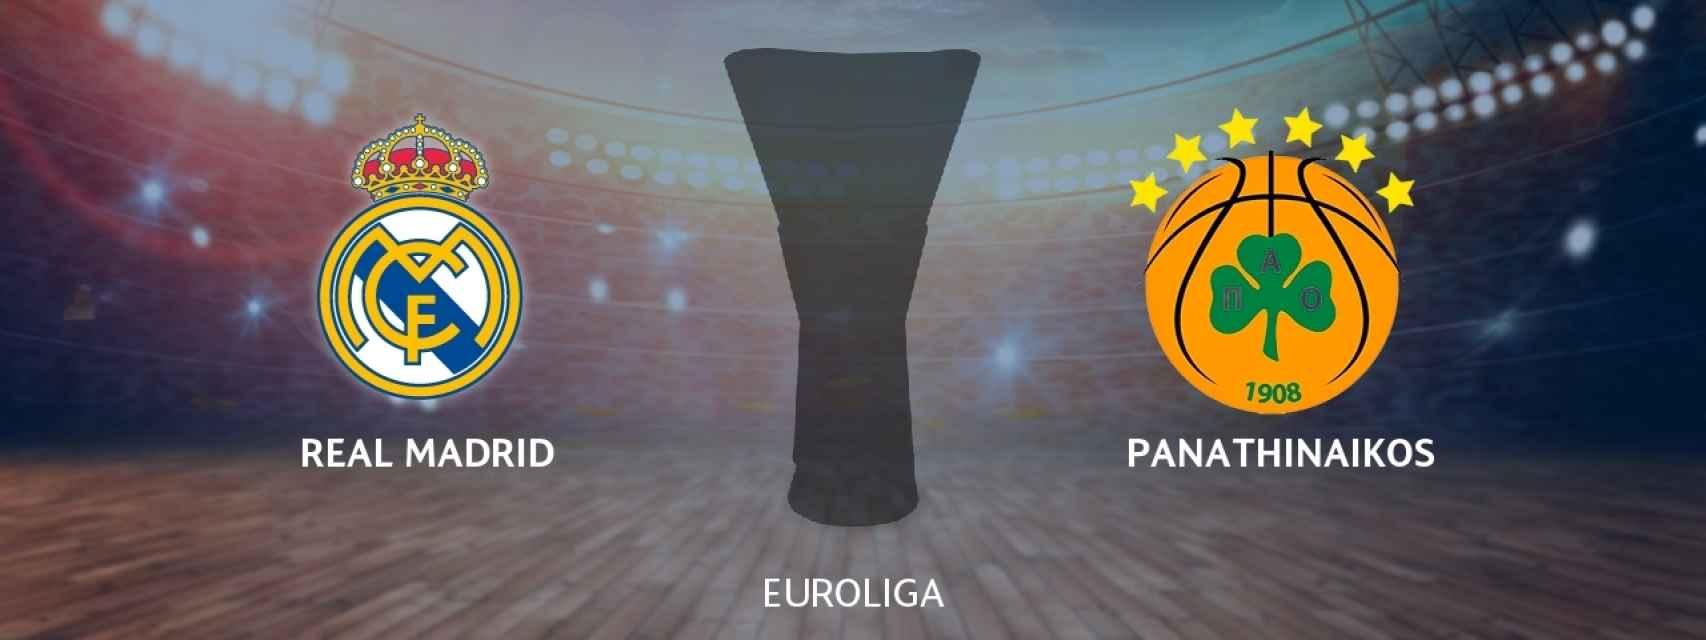 Real Madrid - Panathinaikos